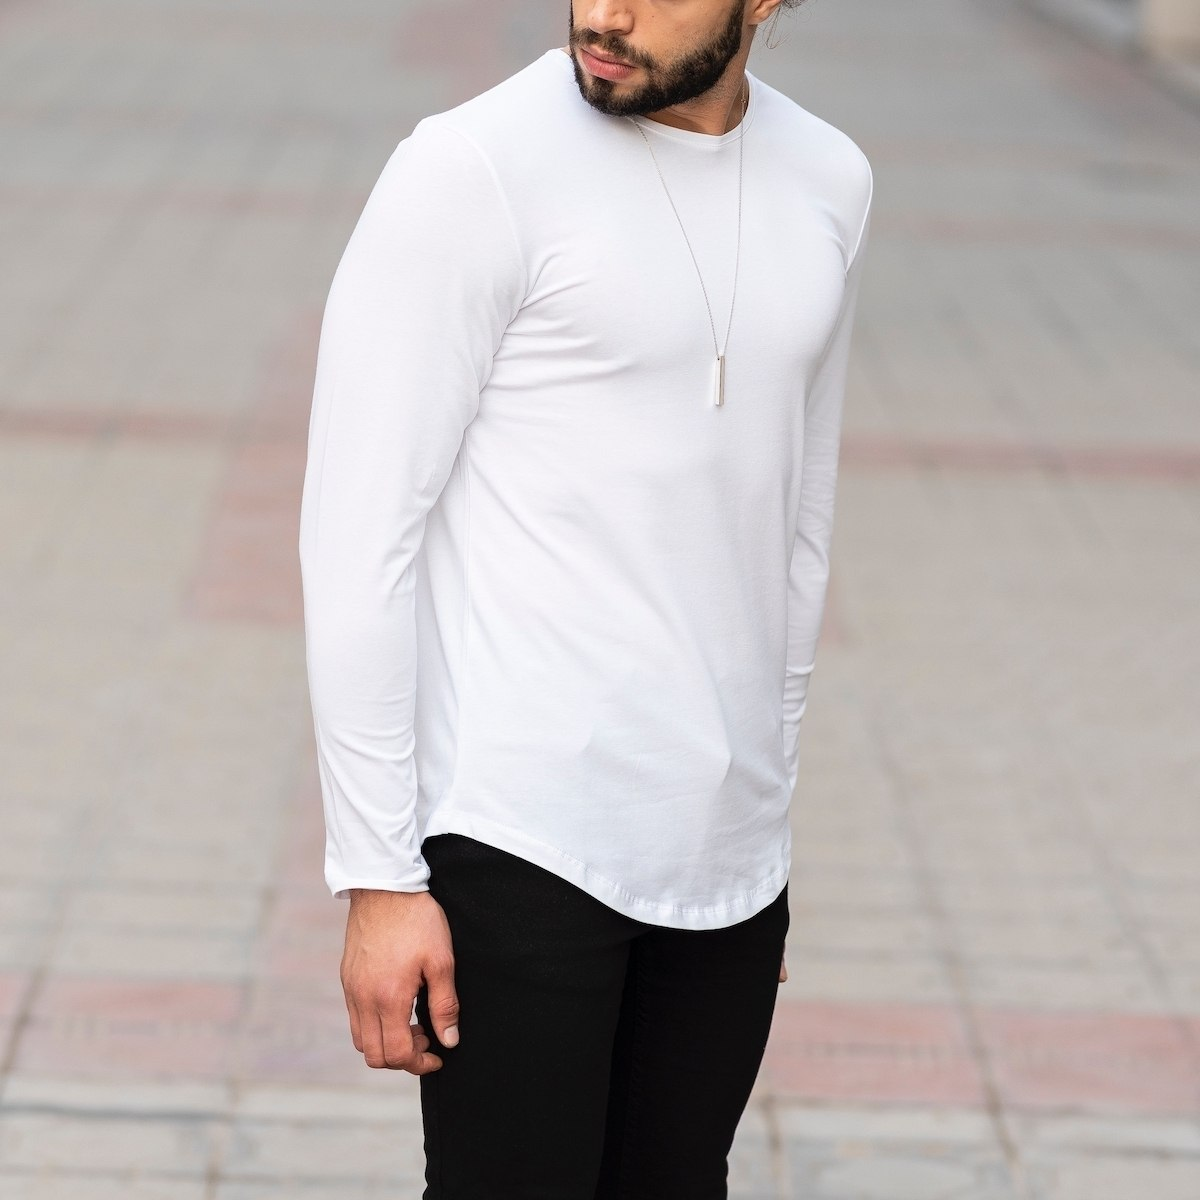 Basic Sweatshirt In White Mv Premium Brand - 3